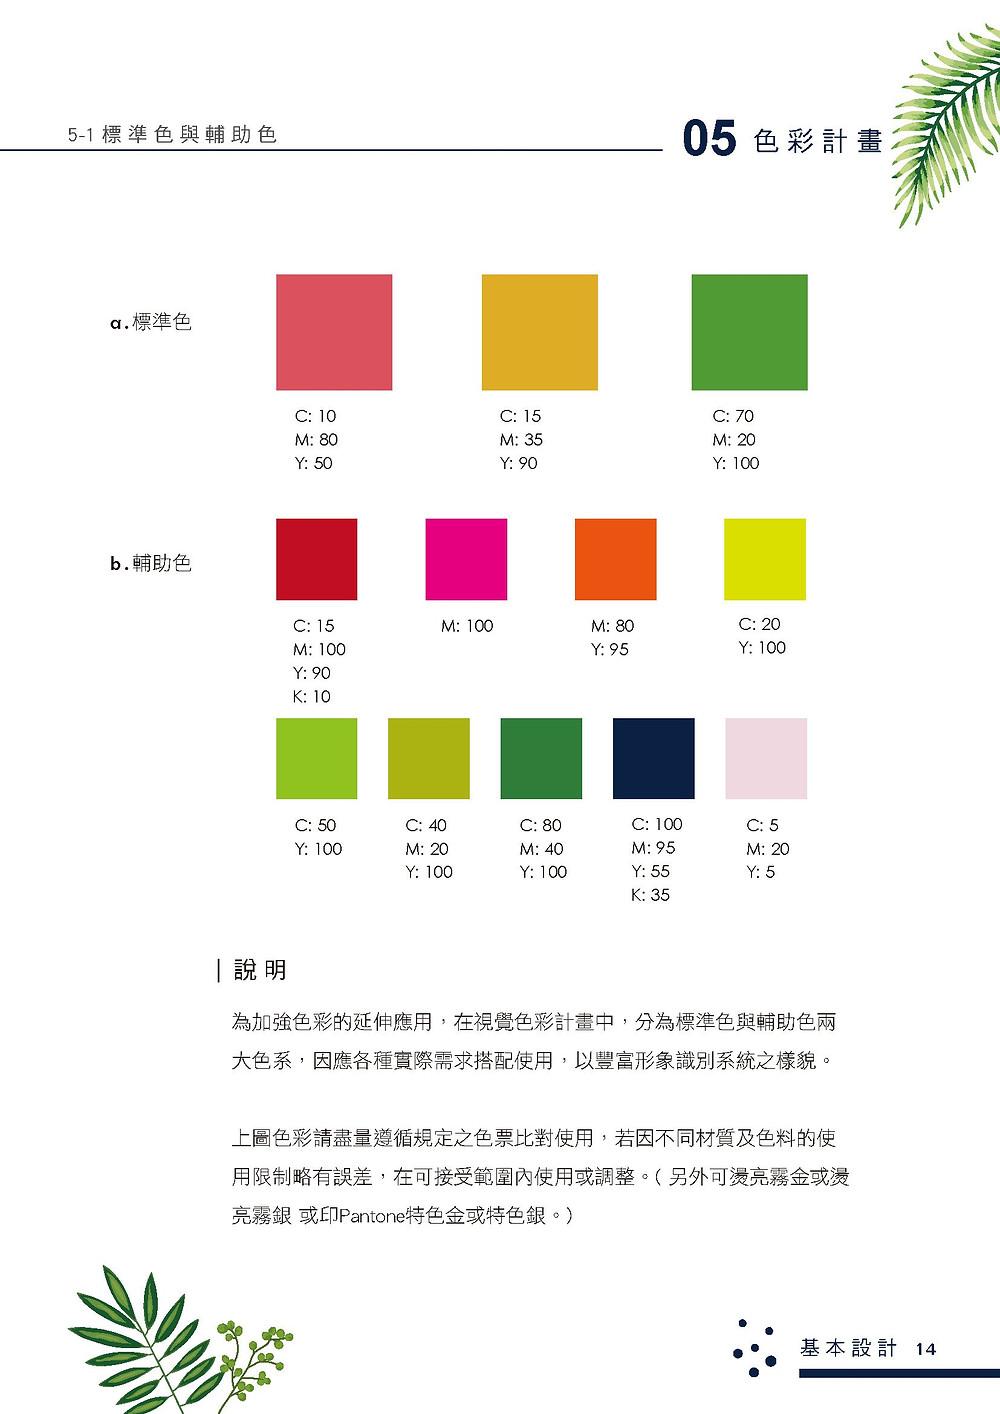 萃萃泡沫茶坊 品牌識別系統手冊 色彩計劃